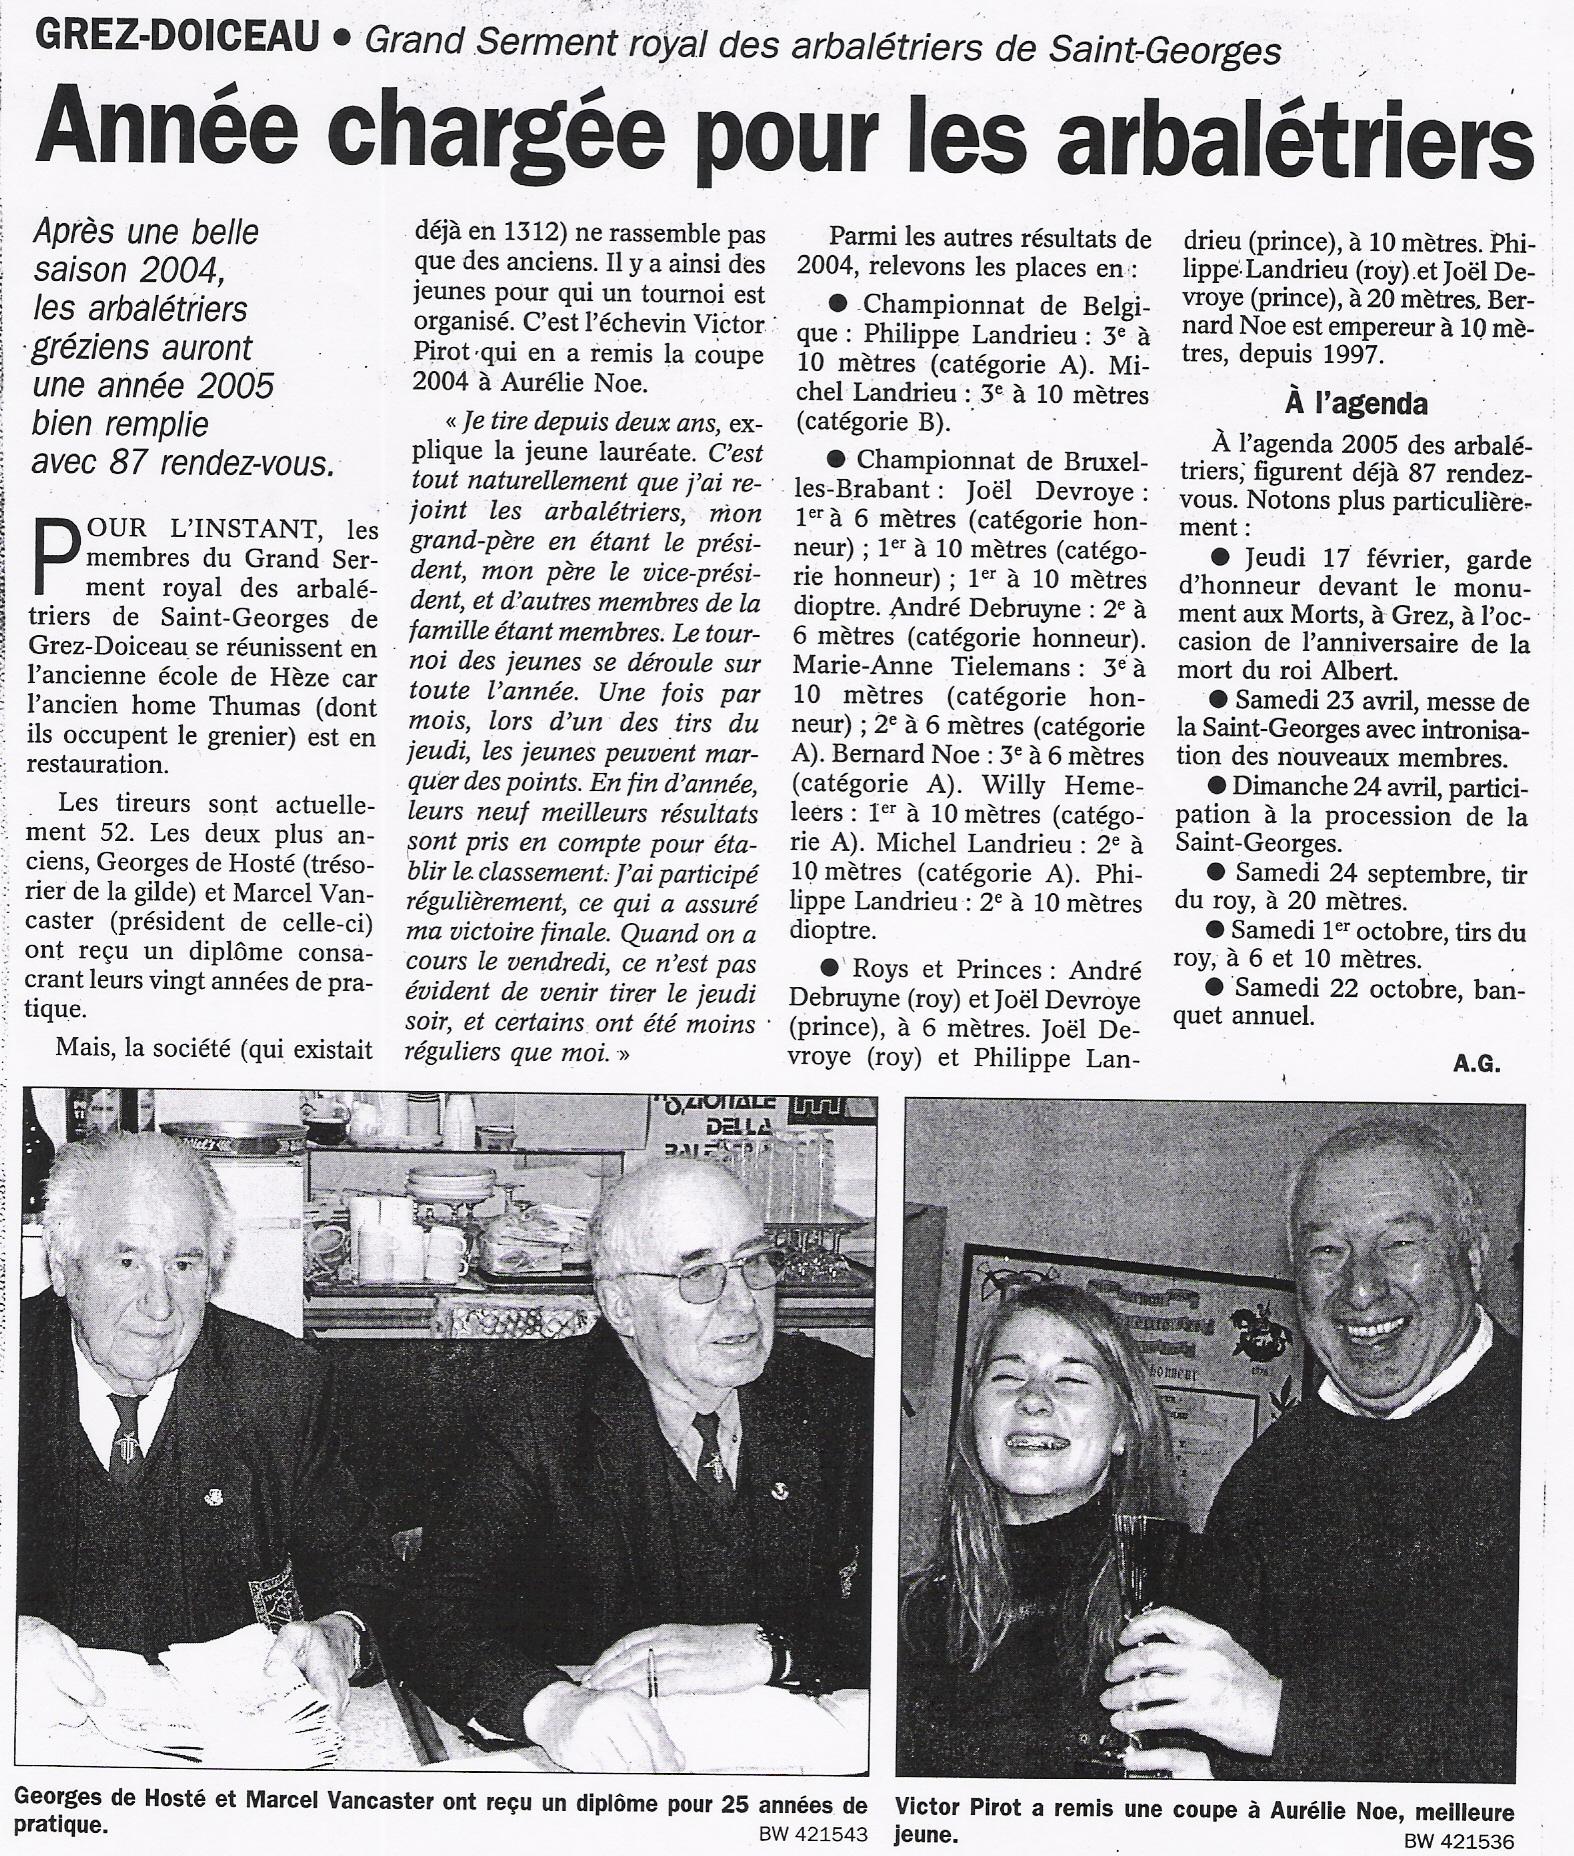 Journal_fevrier2005